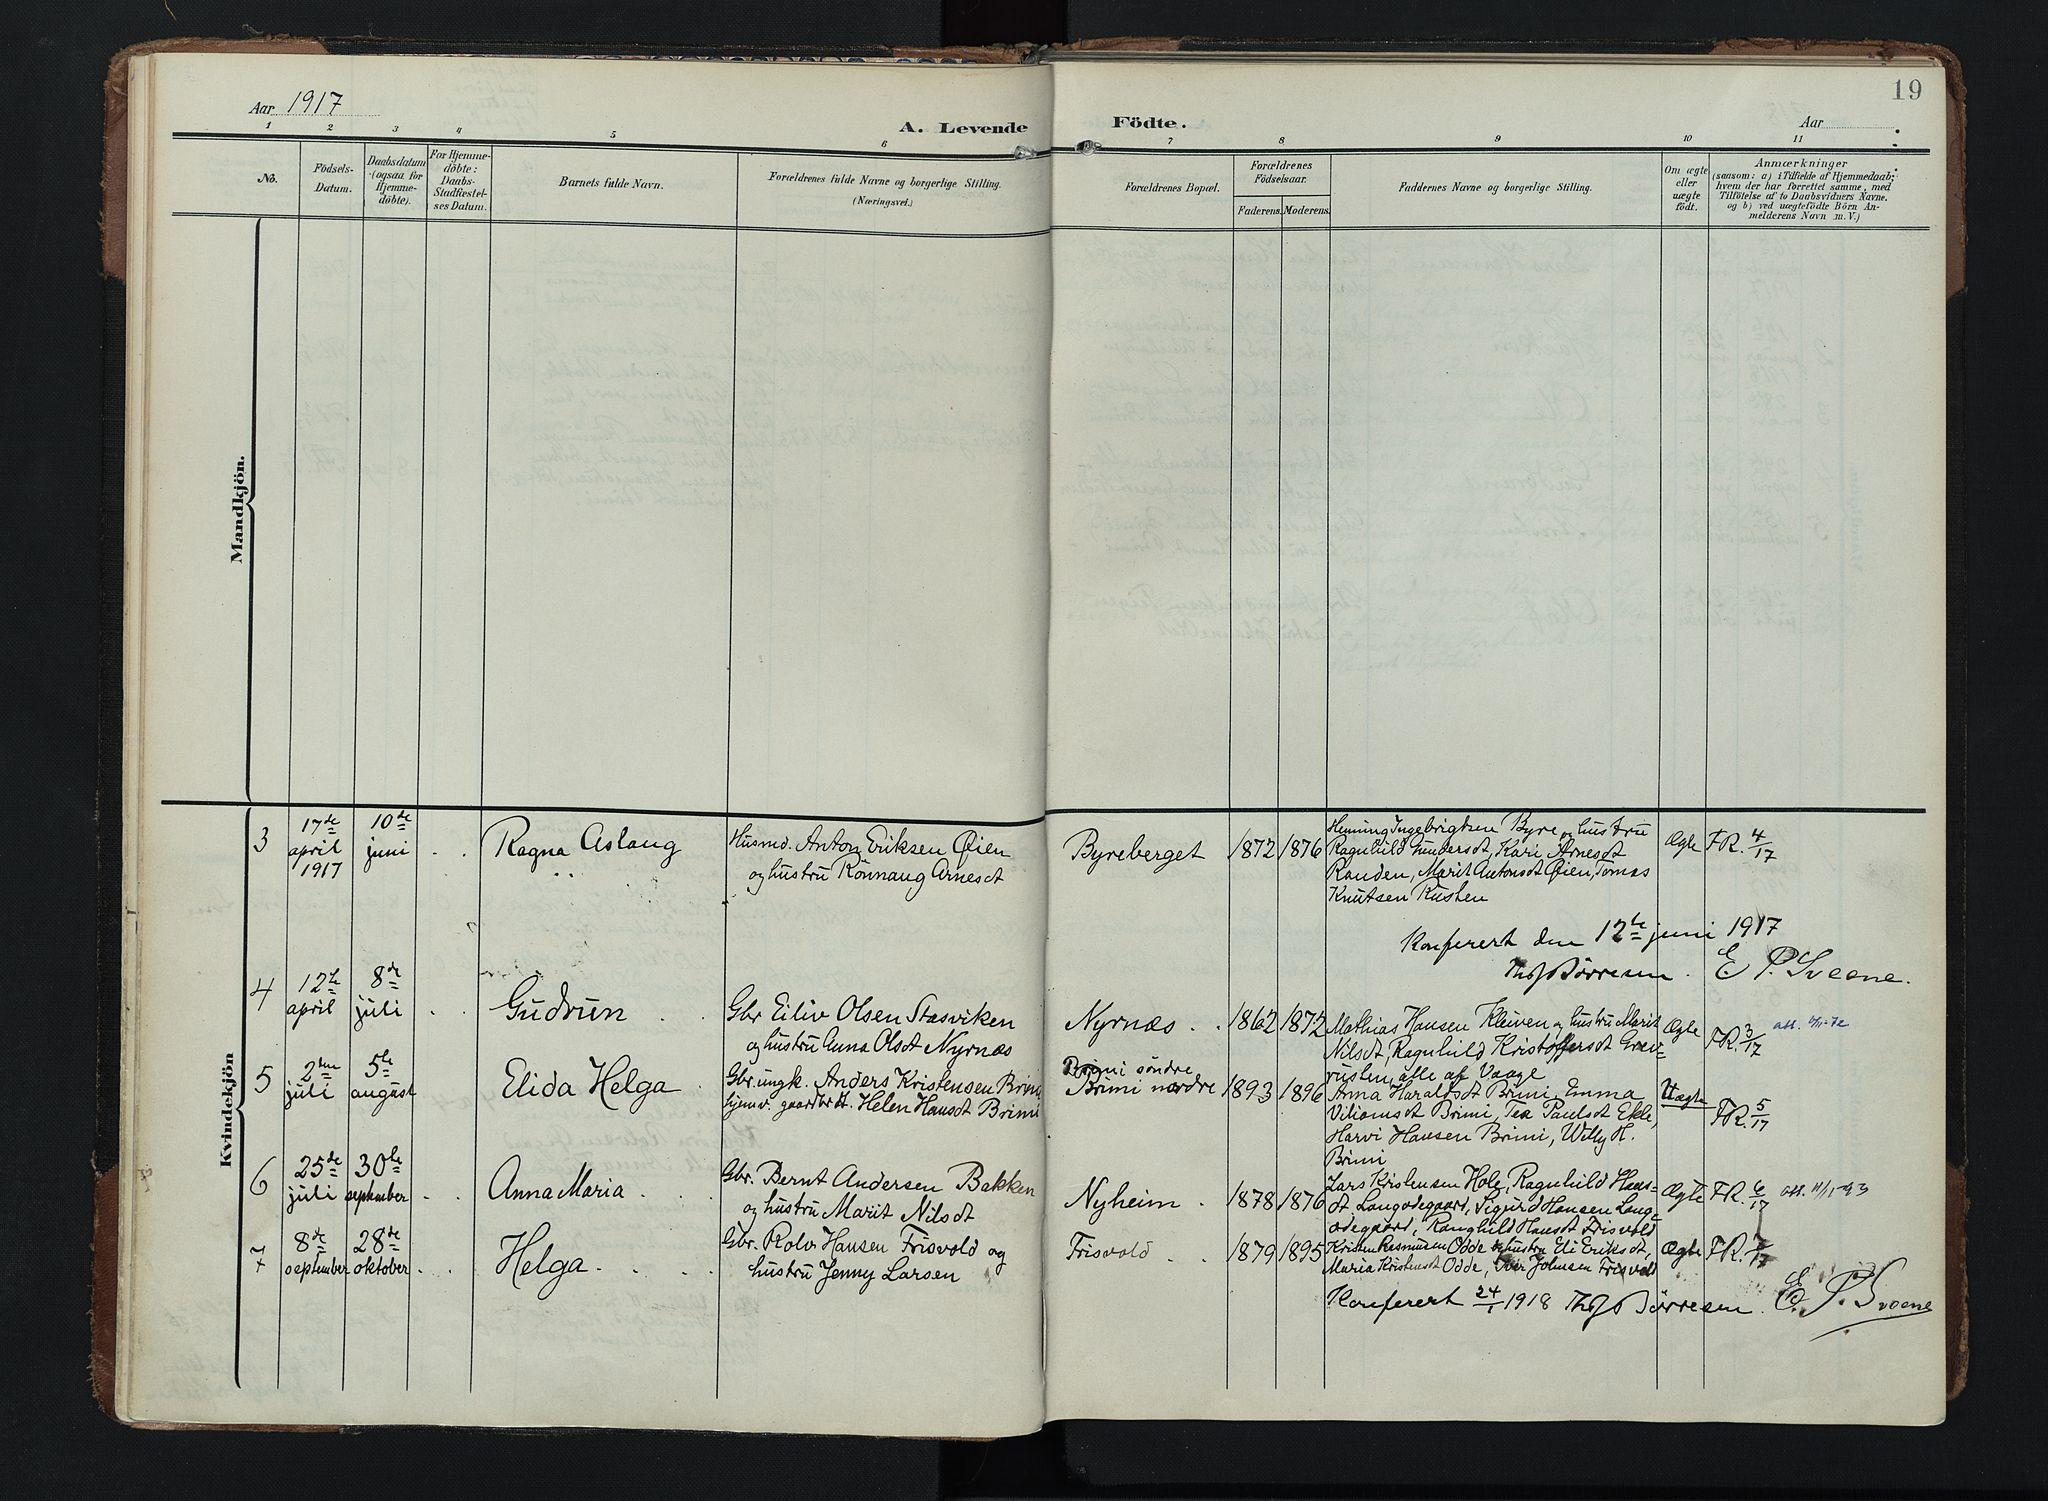 SAH, Lom prestekontor, K/L0011: Ministerialbok nr. 11, 1904-1928, s. 19